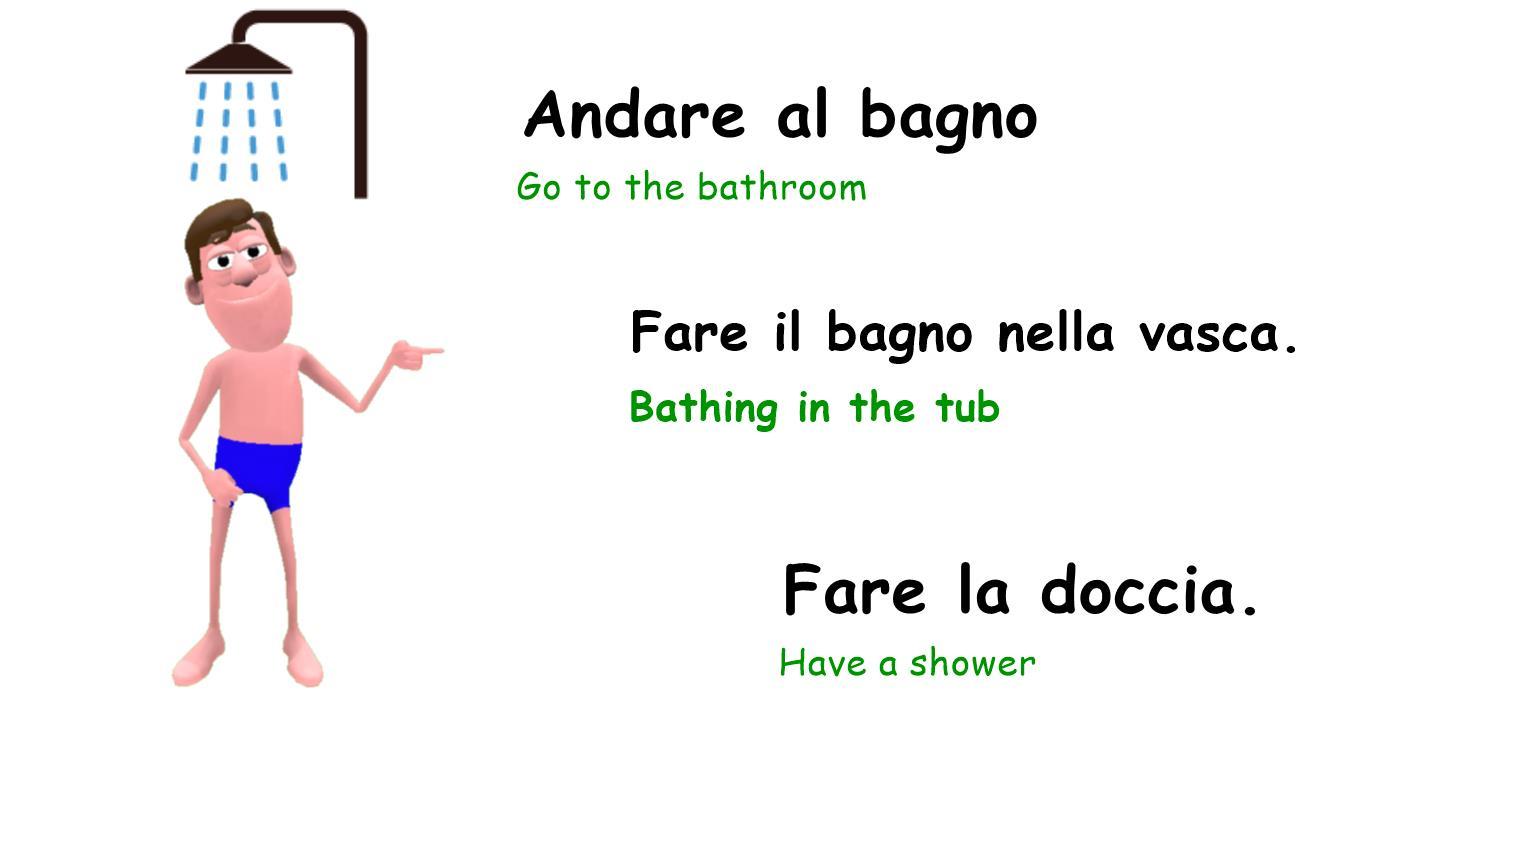 Come Farsi La Doccia.Daily Routine How To Describe Your Typical Day In Italian